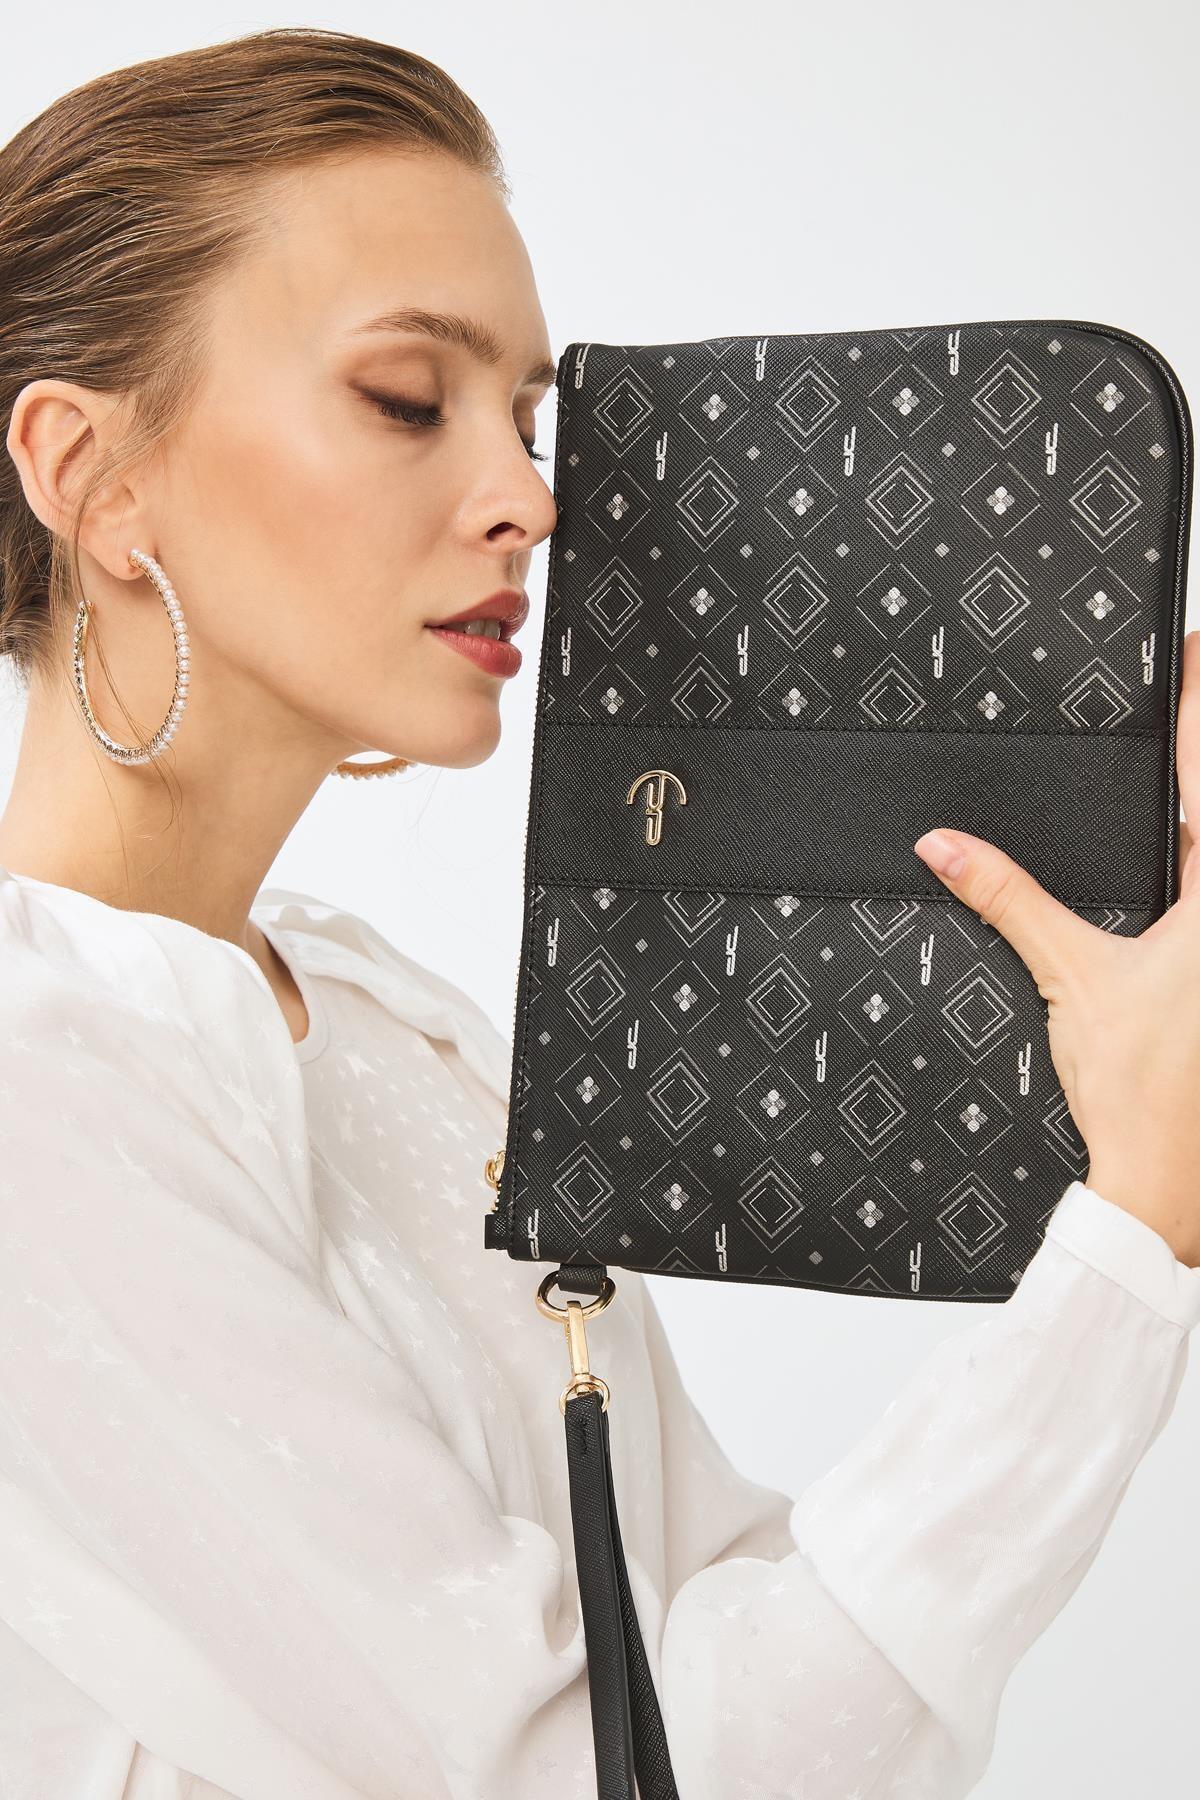 Deri Company Kadın Basic Clutch Çanta Monogram Desenli Şeritli Logolu Siyah Gri 214002 2